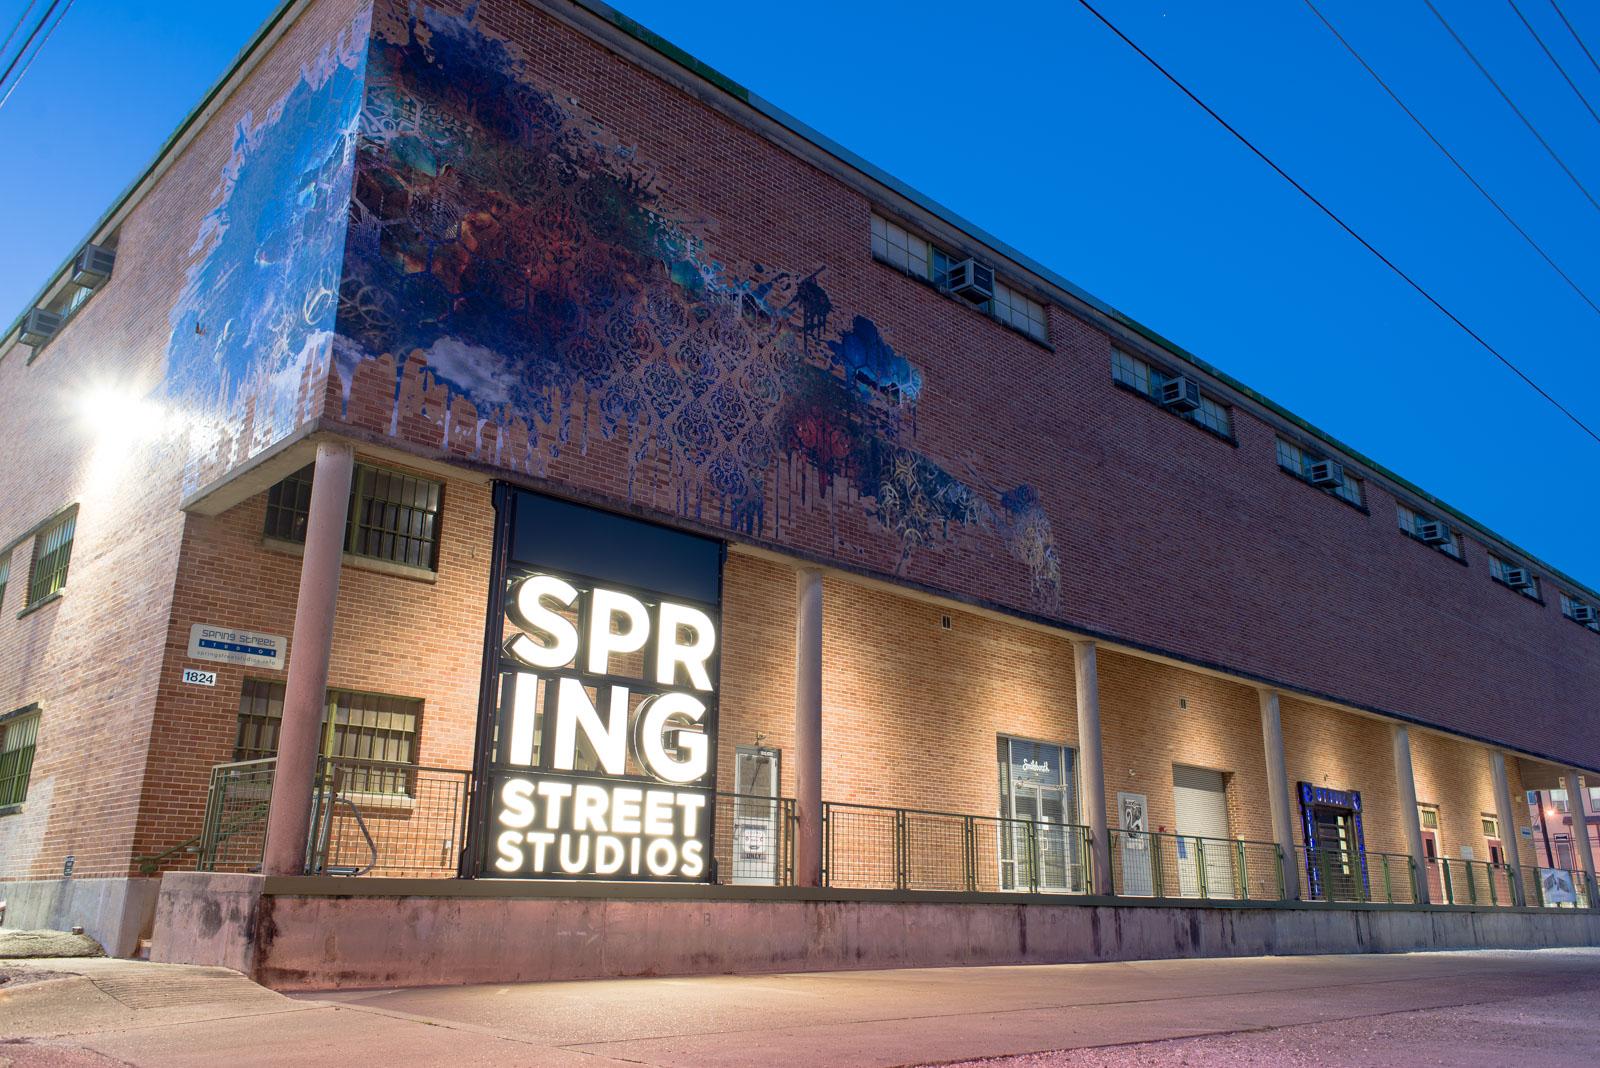 springstreet-night.jpg